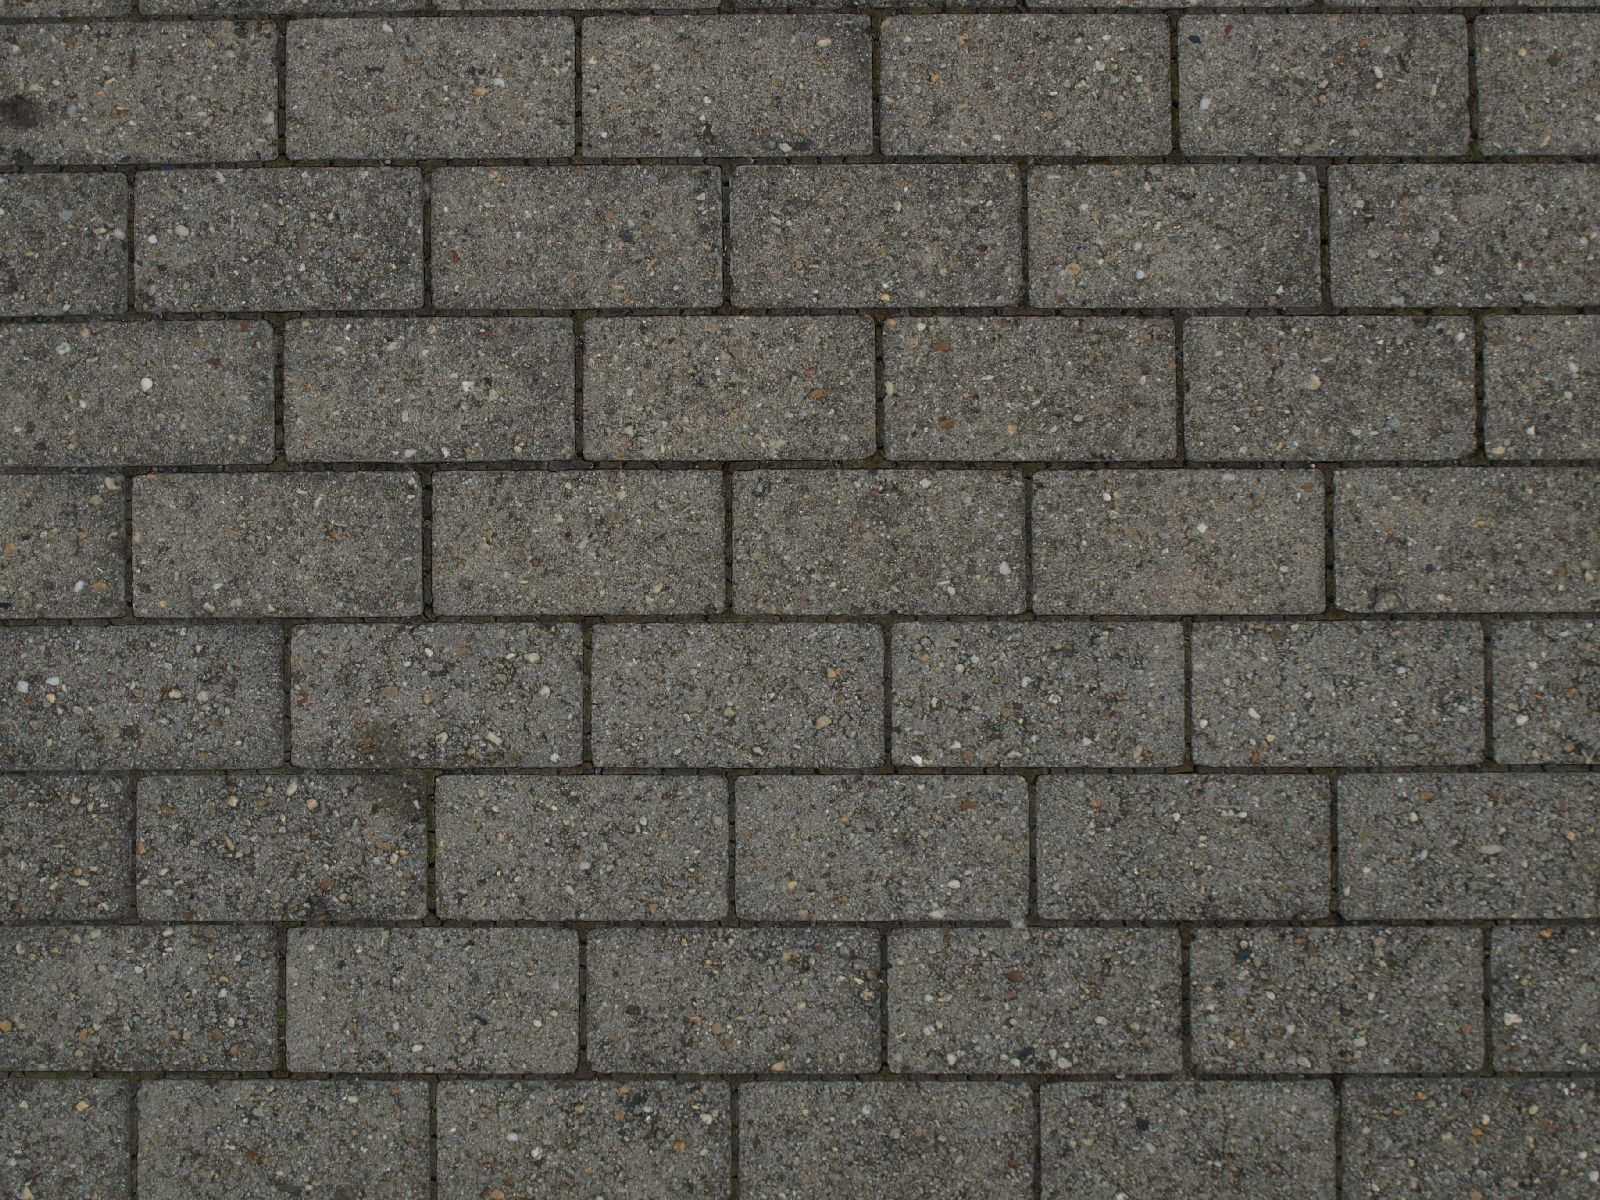 Ground-Urban_Texture_A_P8204520